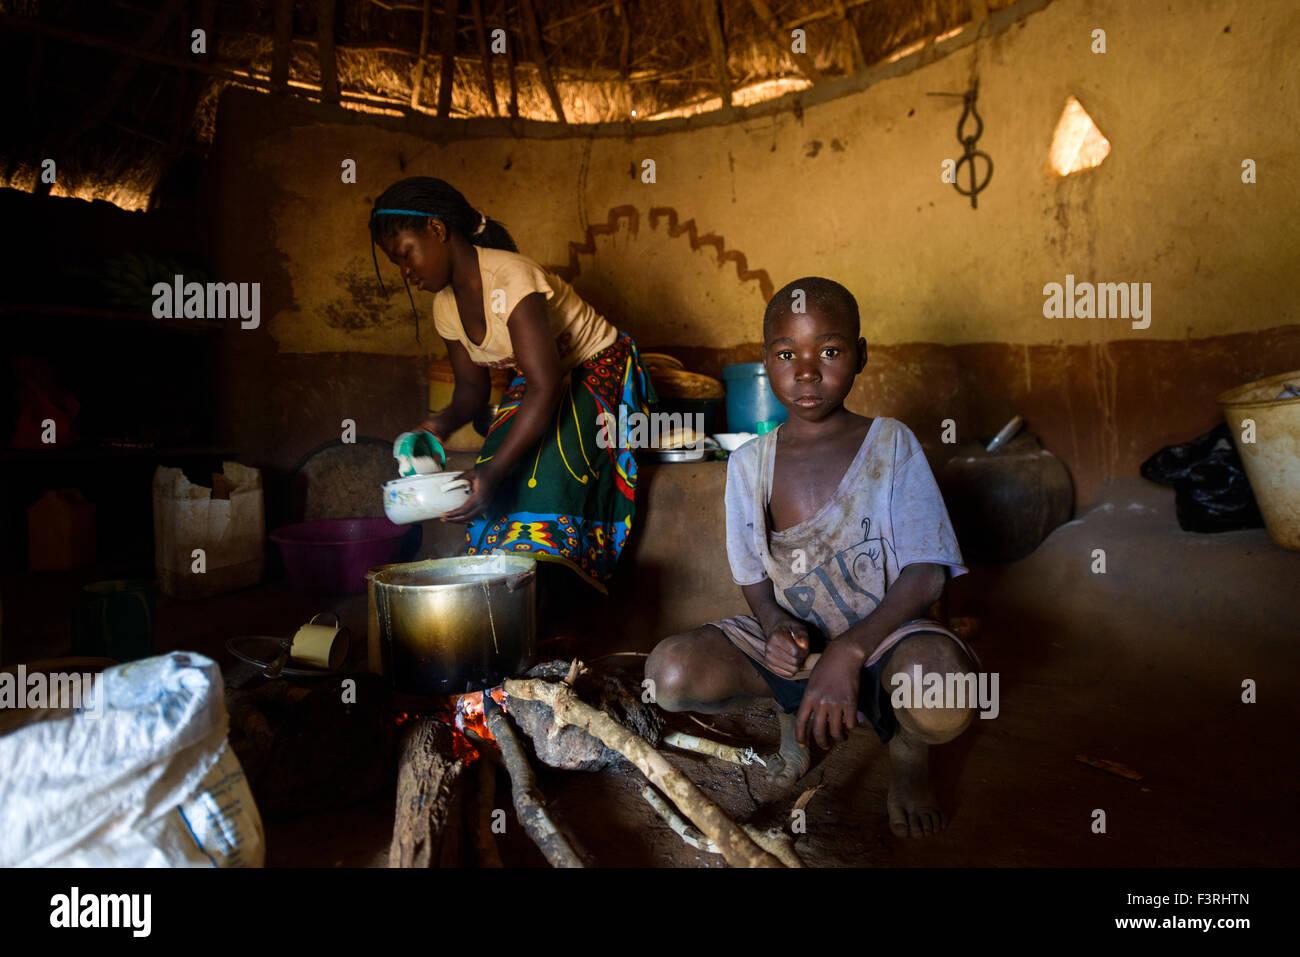 Scena quotidiana nel tradizionale capanna di paglia, Mozambico, Africa Immagini Stock